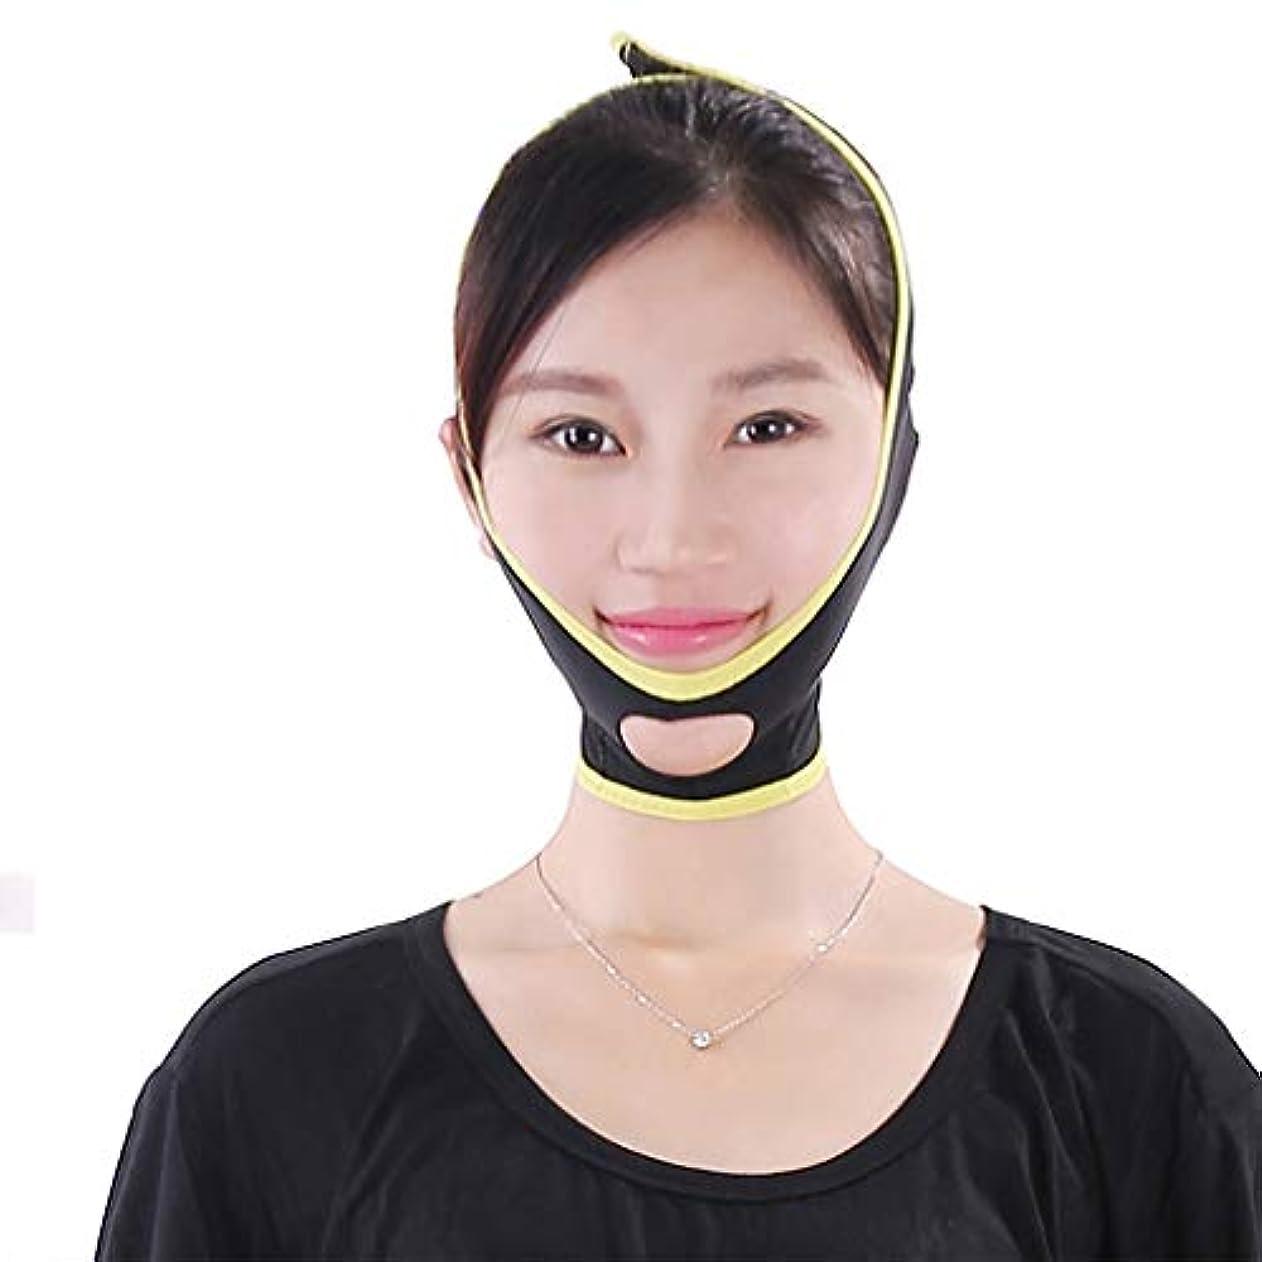 召喚するマリナー委任する顔面顔面包帯 v 顔睡眠マスクリフティングは、男性と女性のための薄い二重あごの顔補正を引き締め